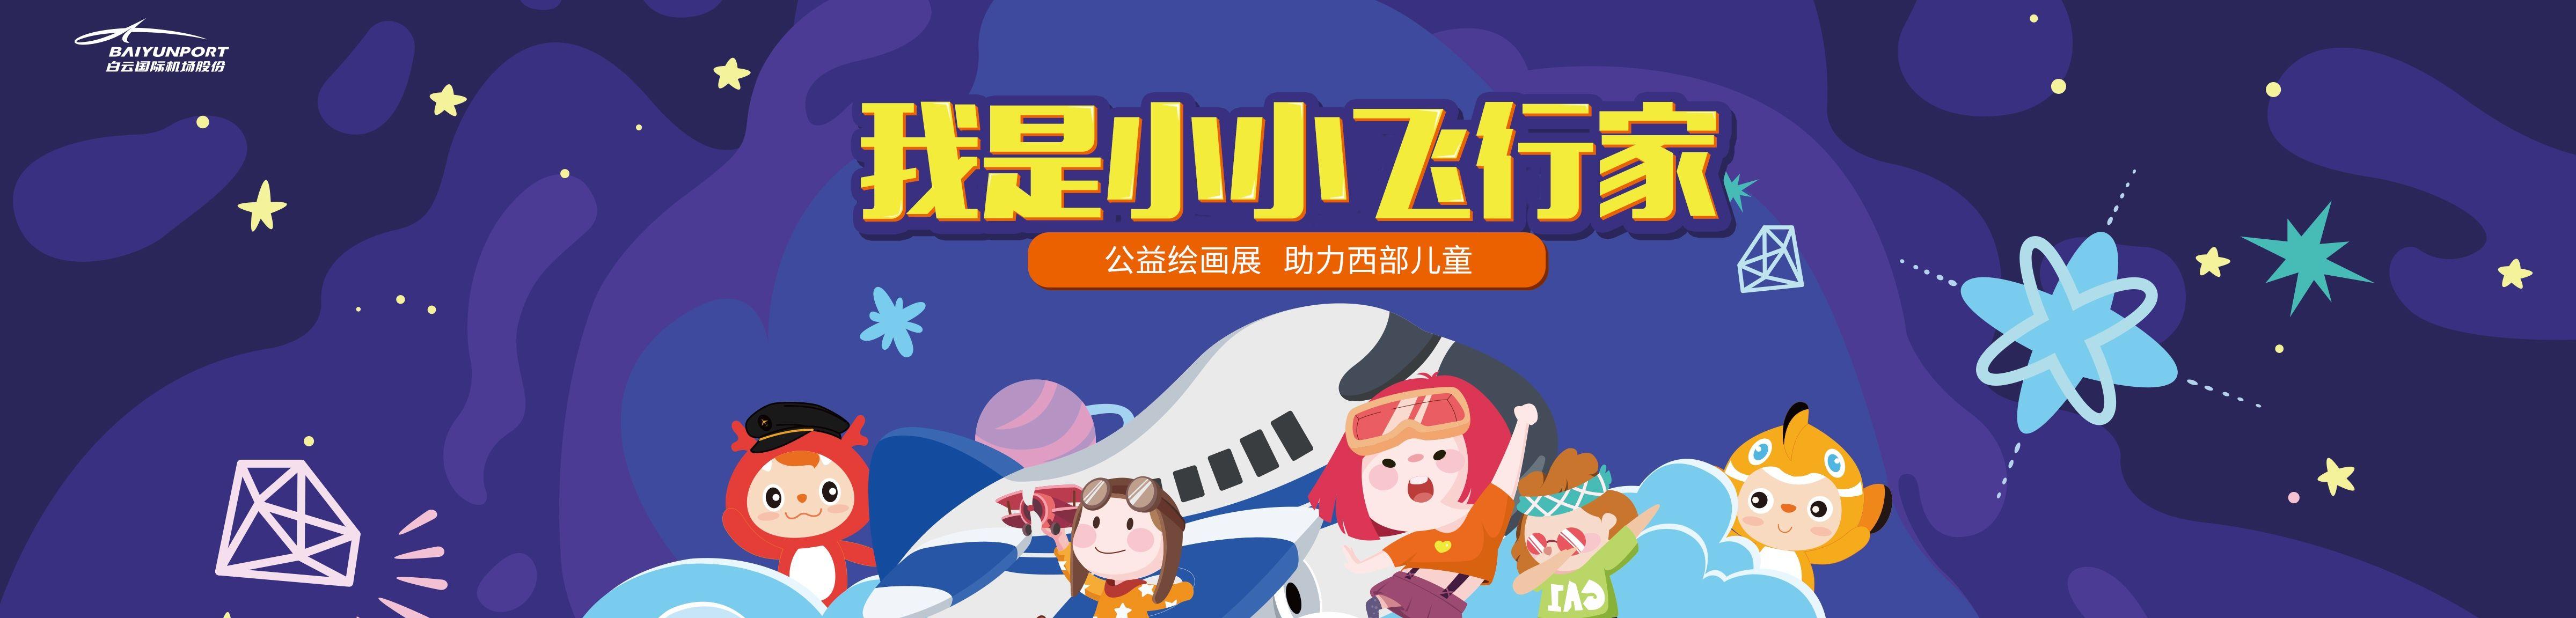 """2019民航传播奖候选案例:同程艺龙""""我是小小飞行家"""""""